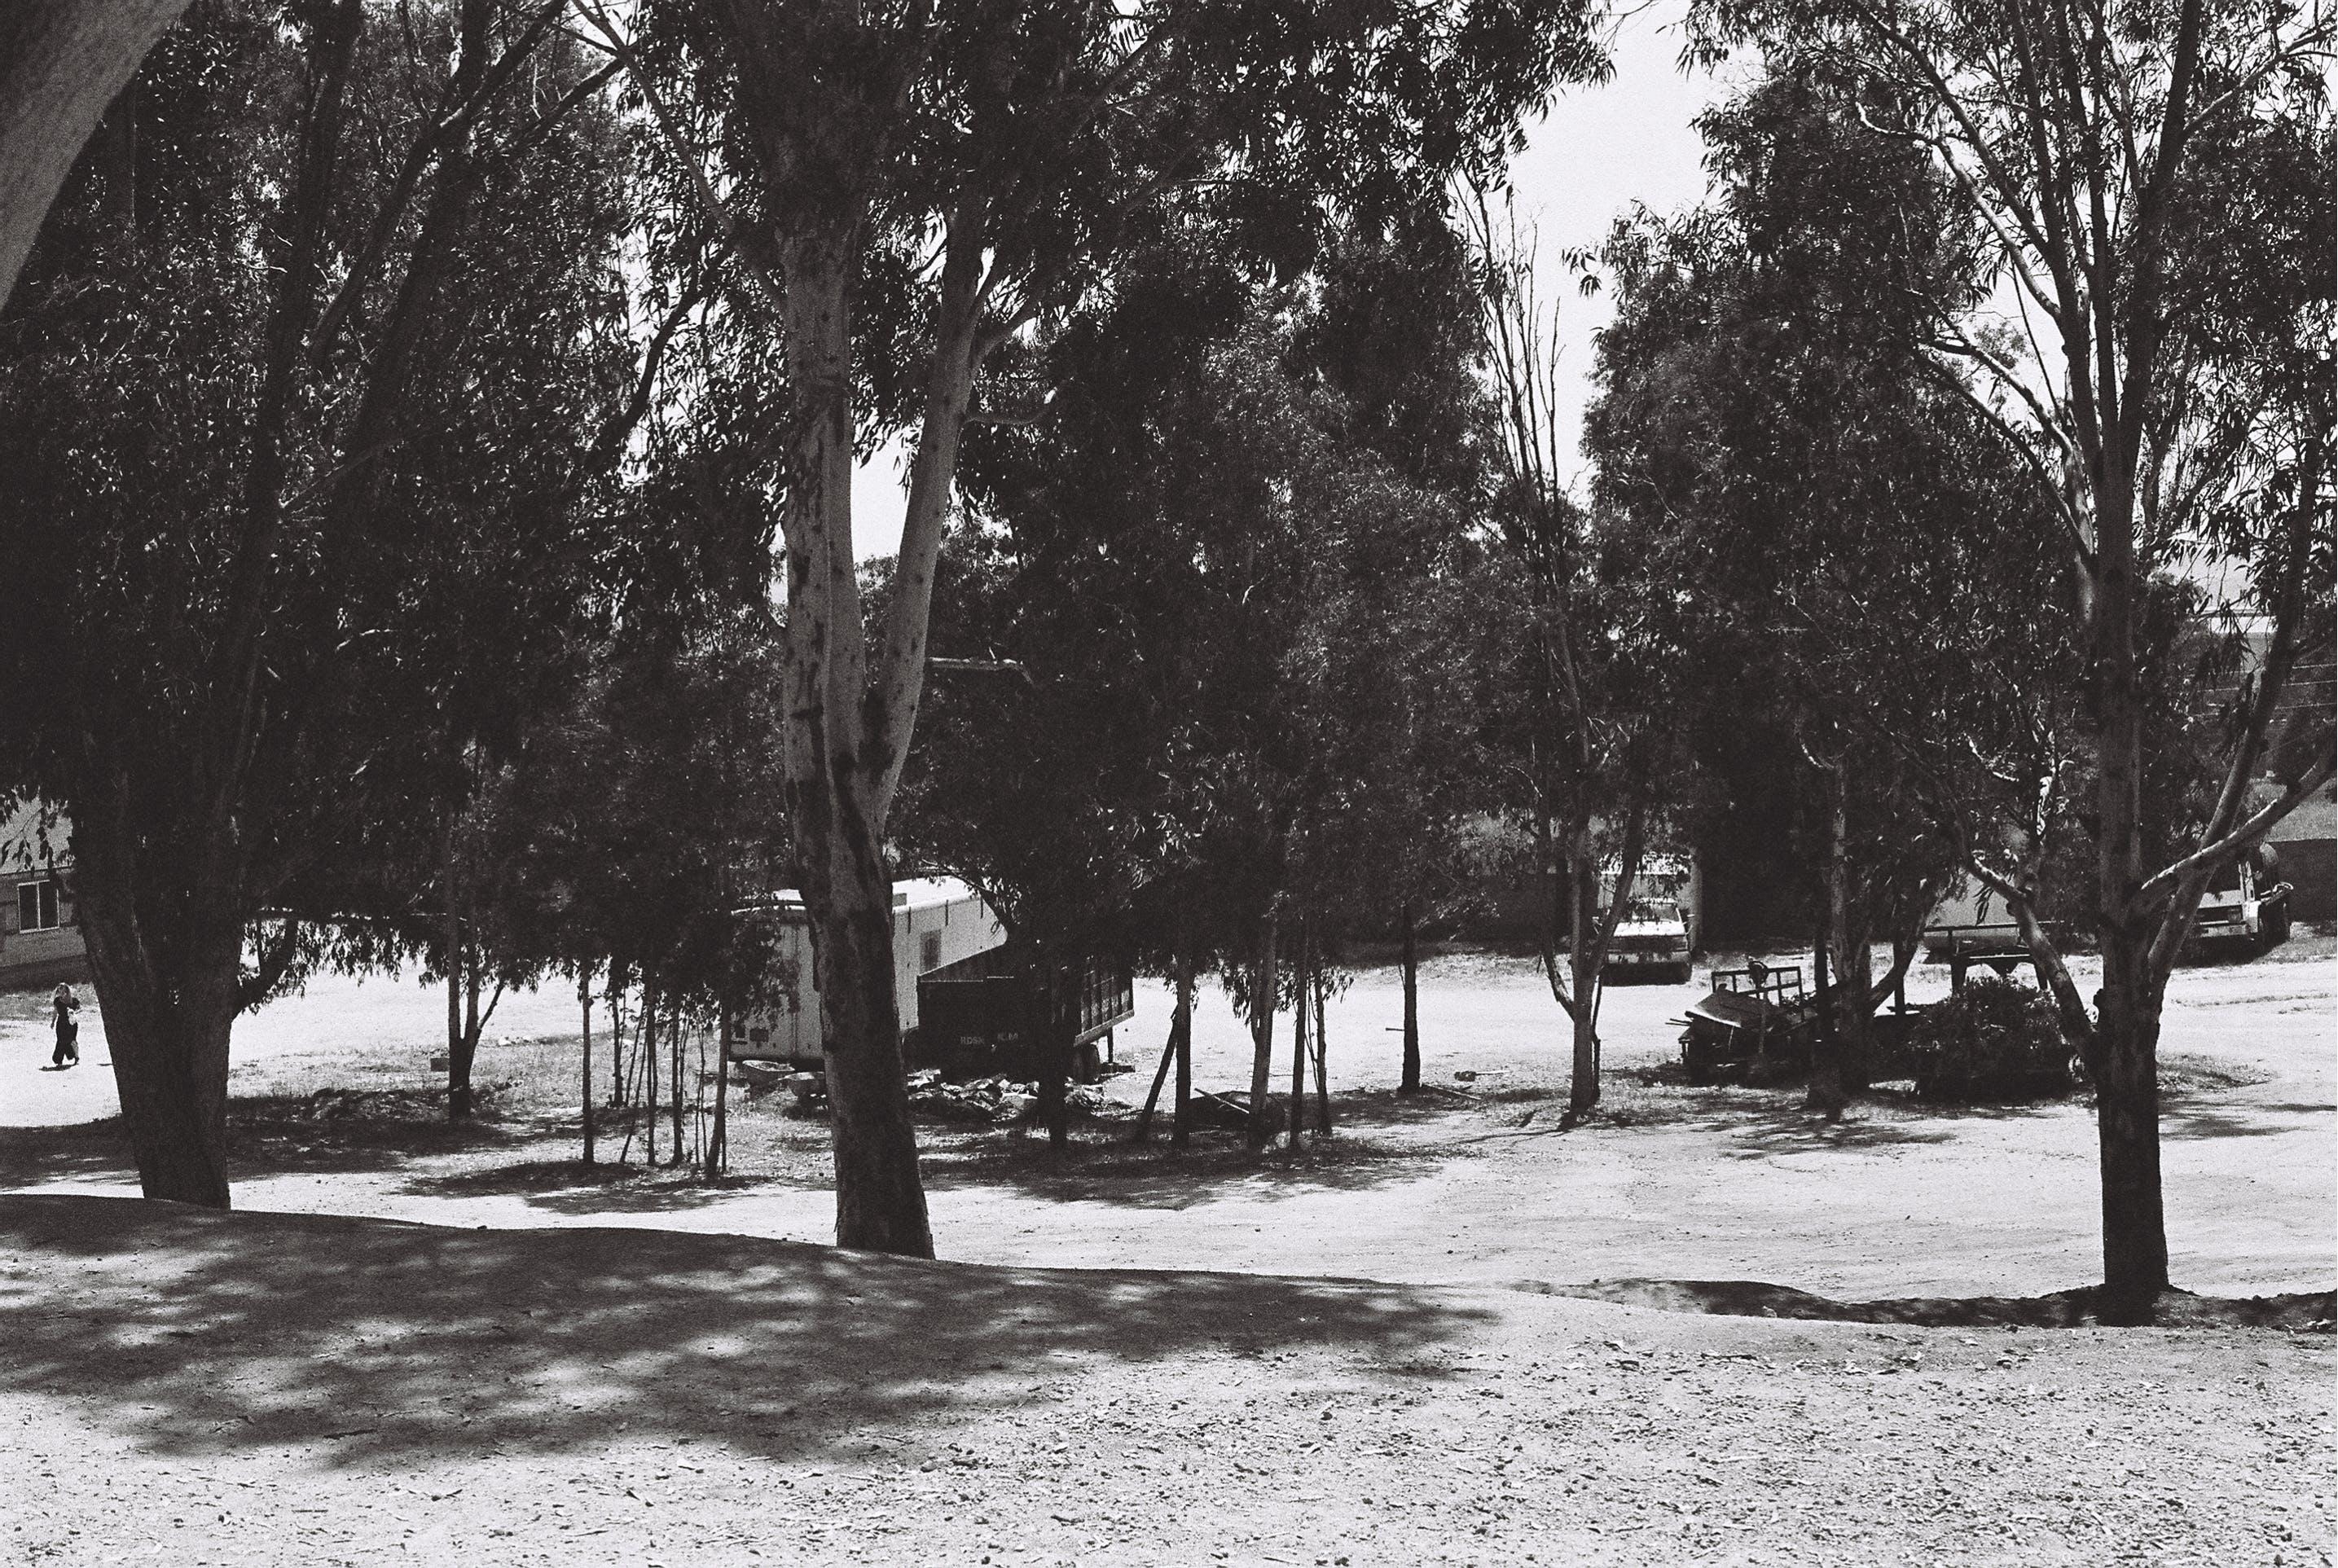 Gratis lagerfoto af park, træer